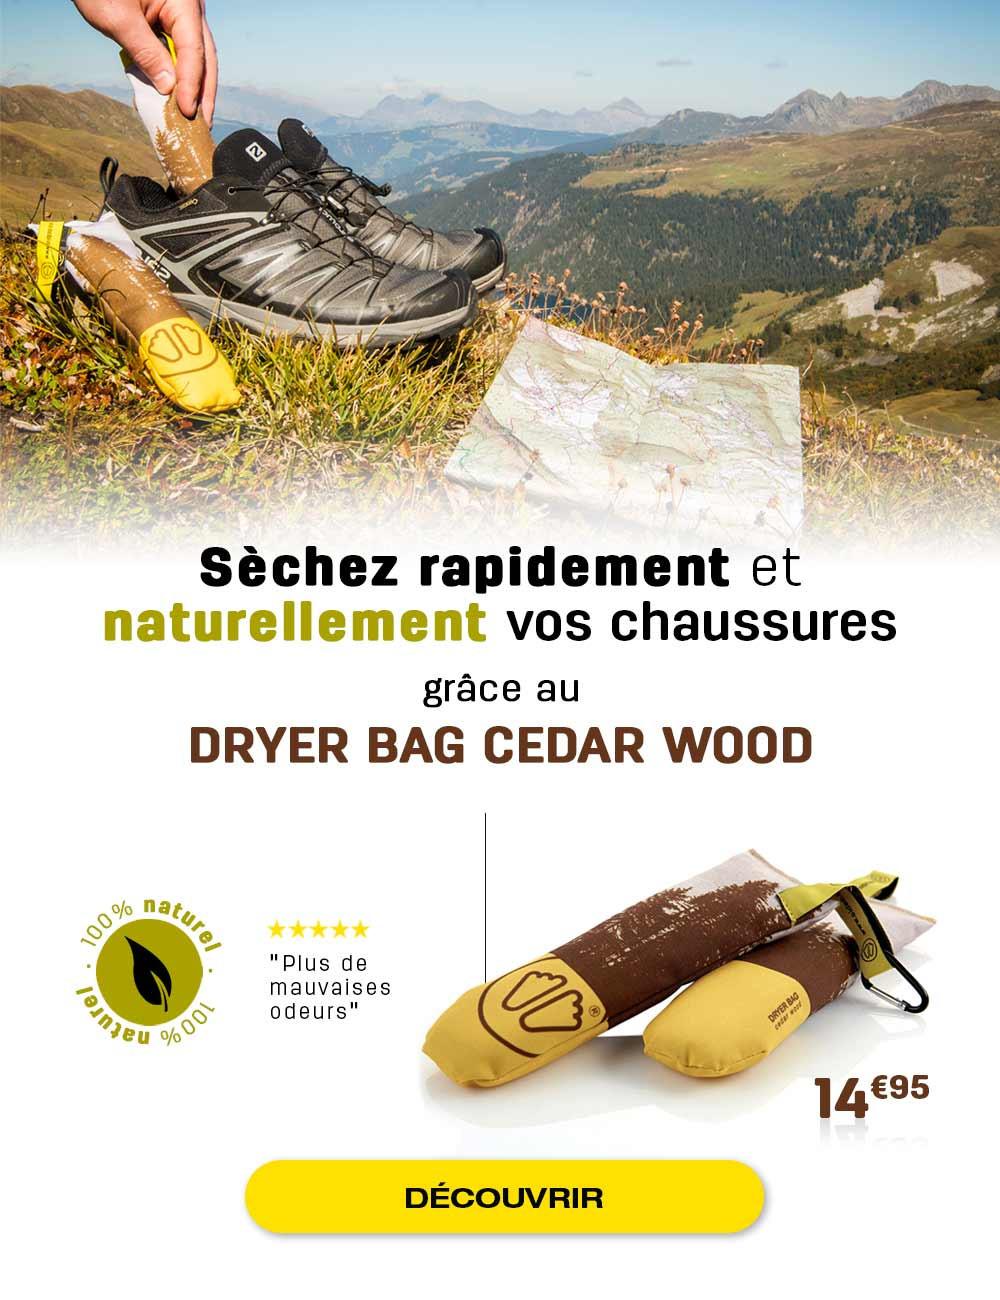 Séchez naturellement et rapidement vos chaussures grâce à l'action du bois de cèdre